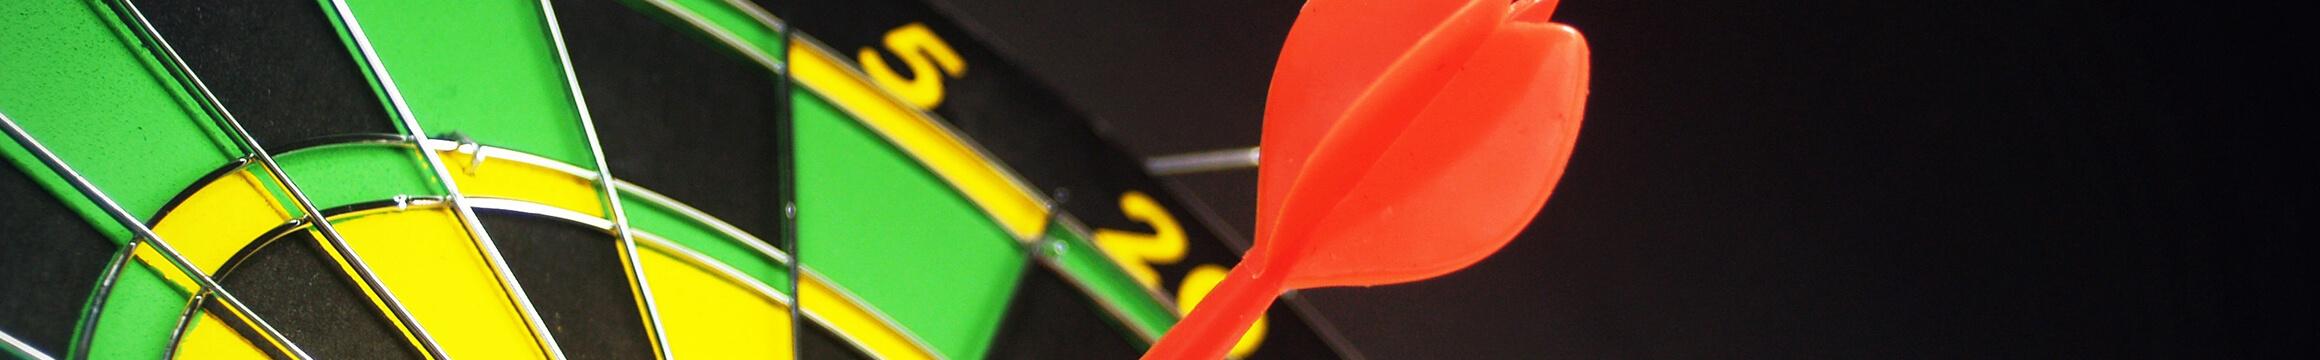 Billiards 03